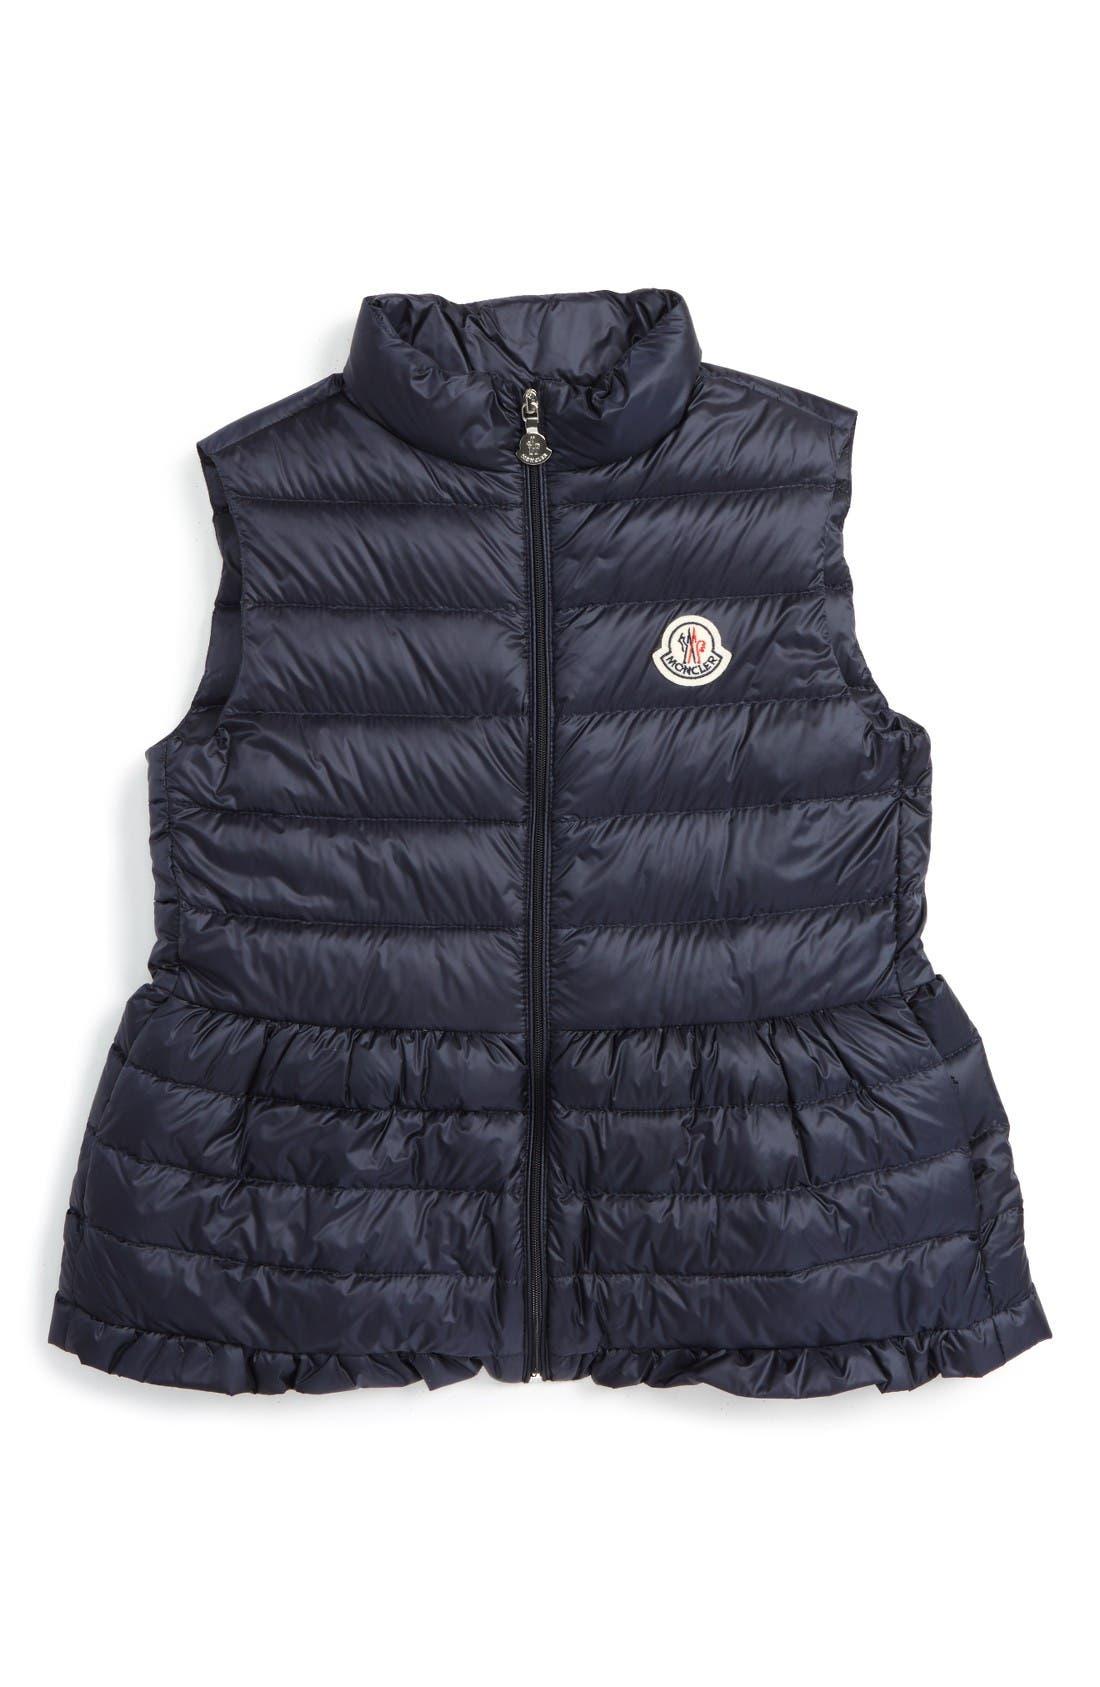 Moncler Cerame Water Resistant Down Vest (Toddler Girls, Little Girls & Big Girls)